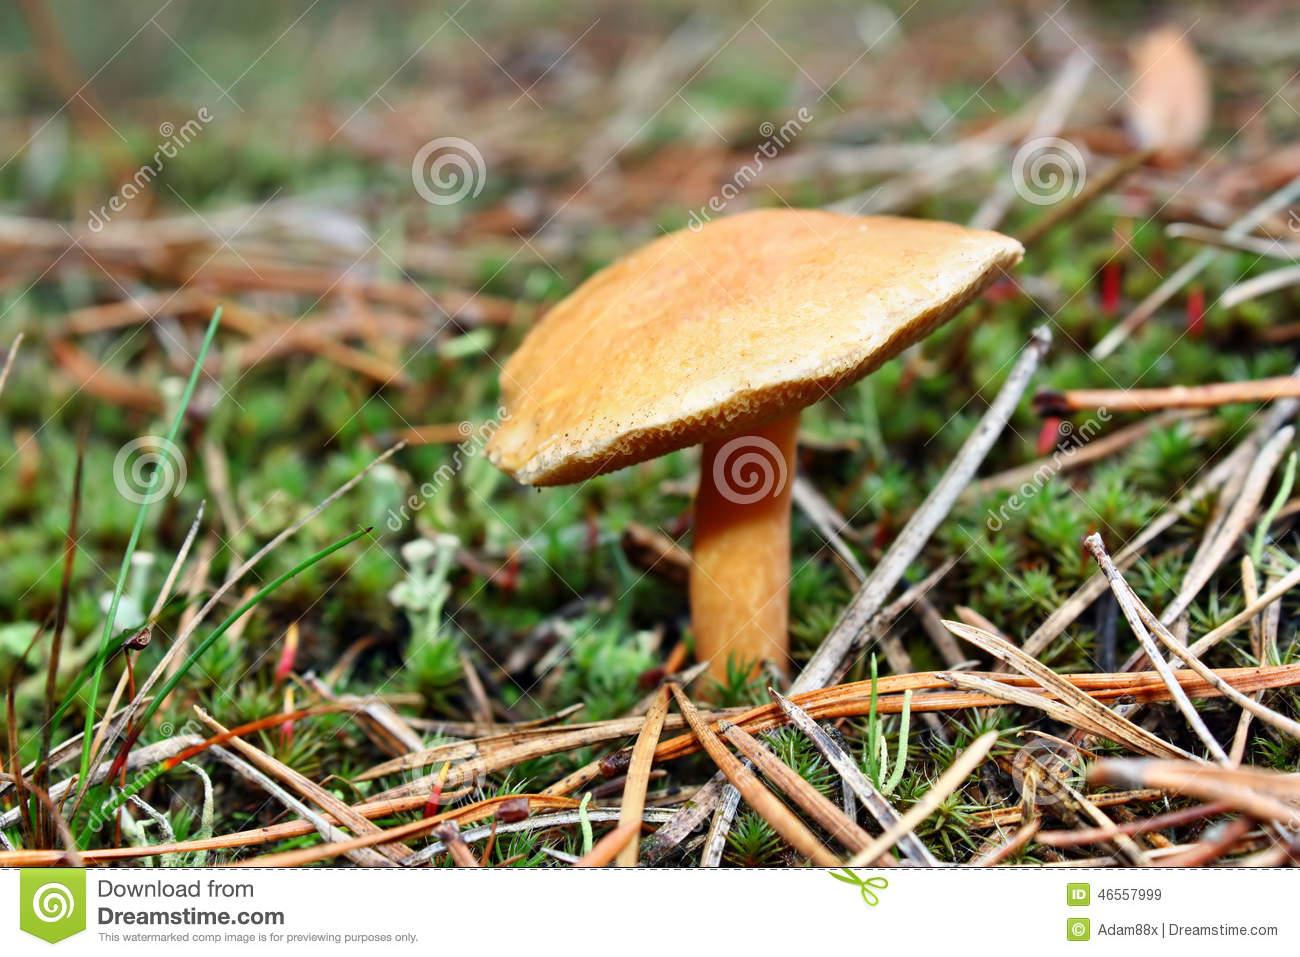 Mushrooms Suillus Bovinus Stock Photo.